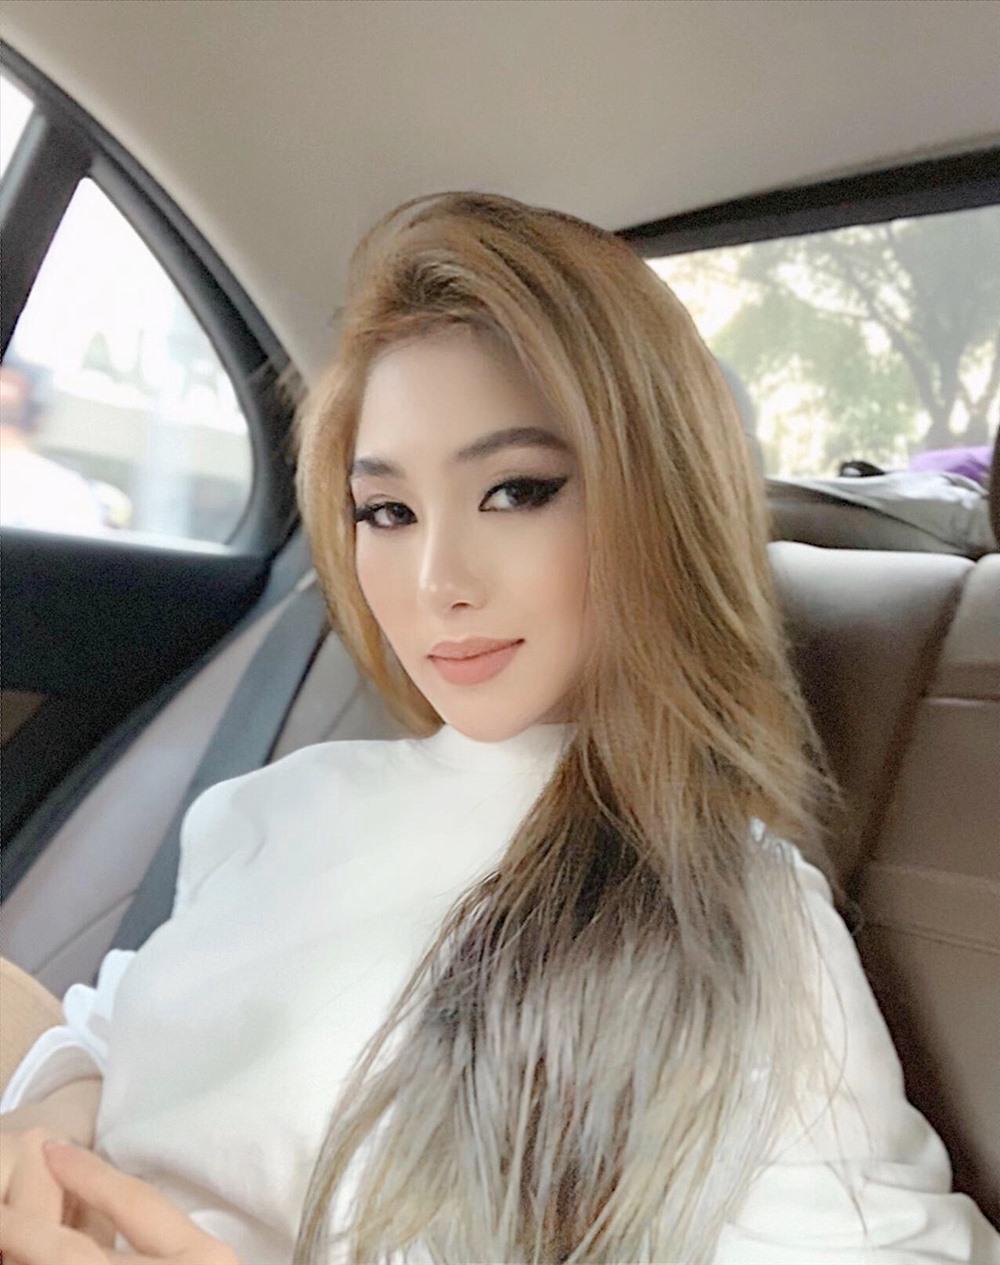 Trước đó, nữ ca sĩ gây bất ngờ khi quyết định đổi sang màu tóc bạch kim.